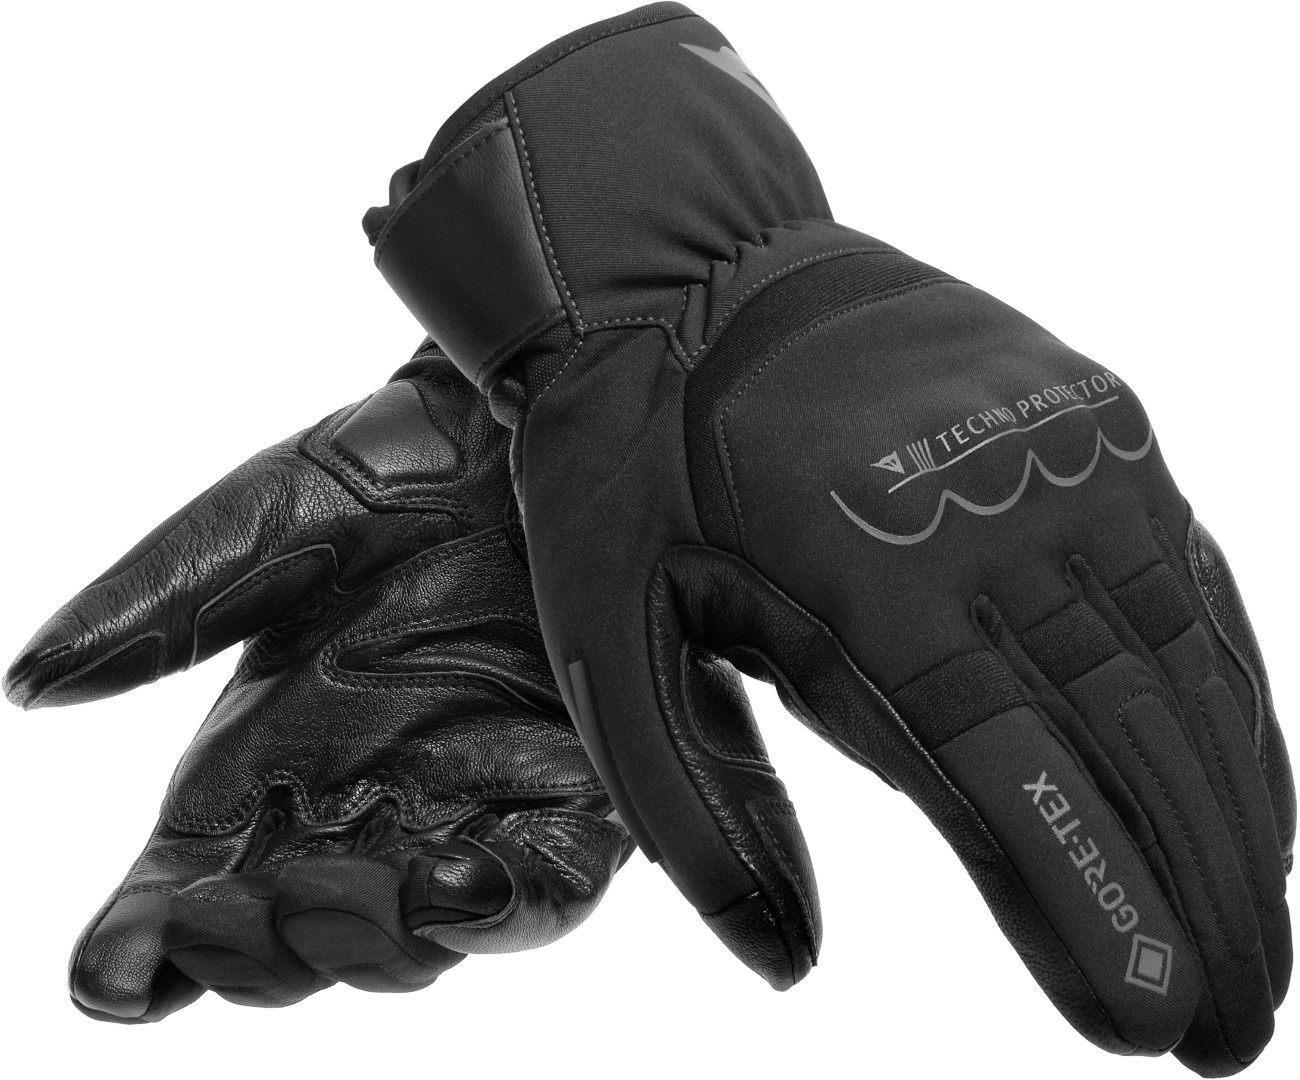 Dainese Thunder Gore-Tex wasserdichte Motorradhandschuhe, schwarz-grau, Größe M, schwarz-grau, Größe M